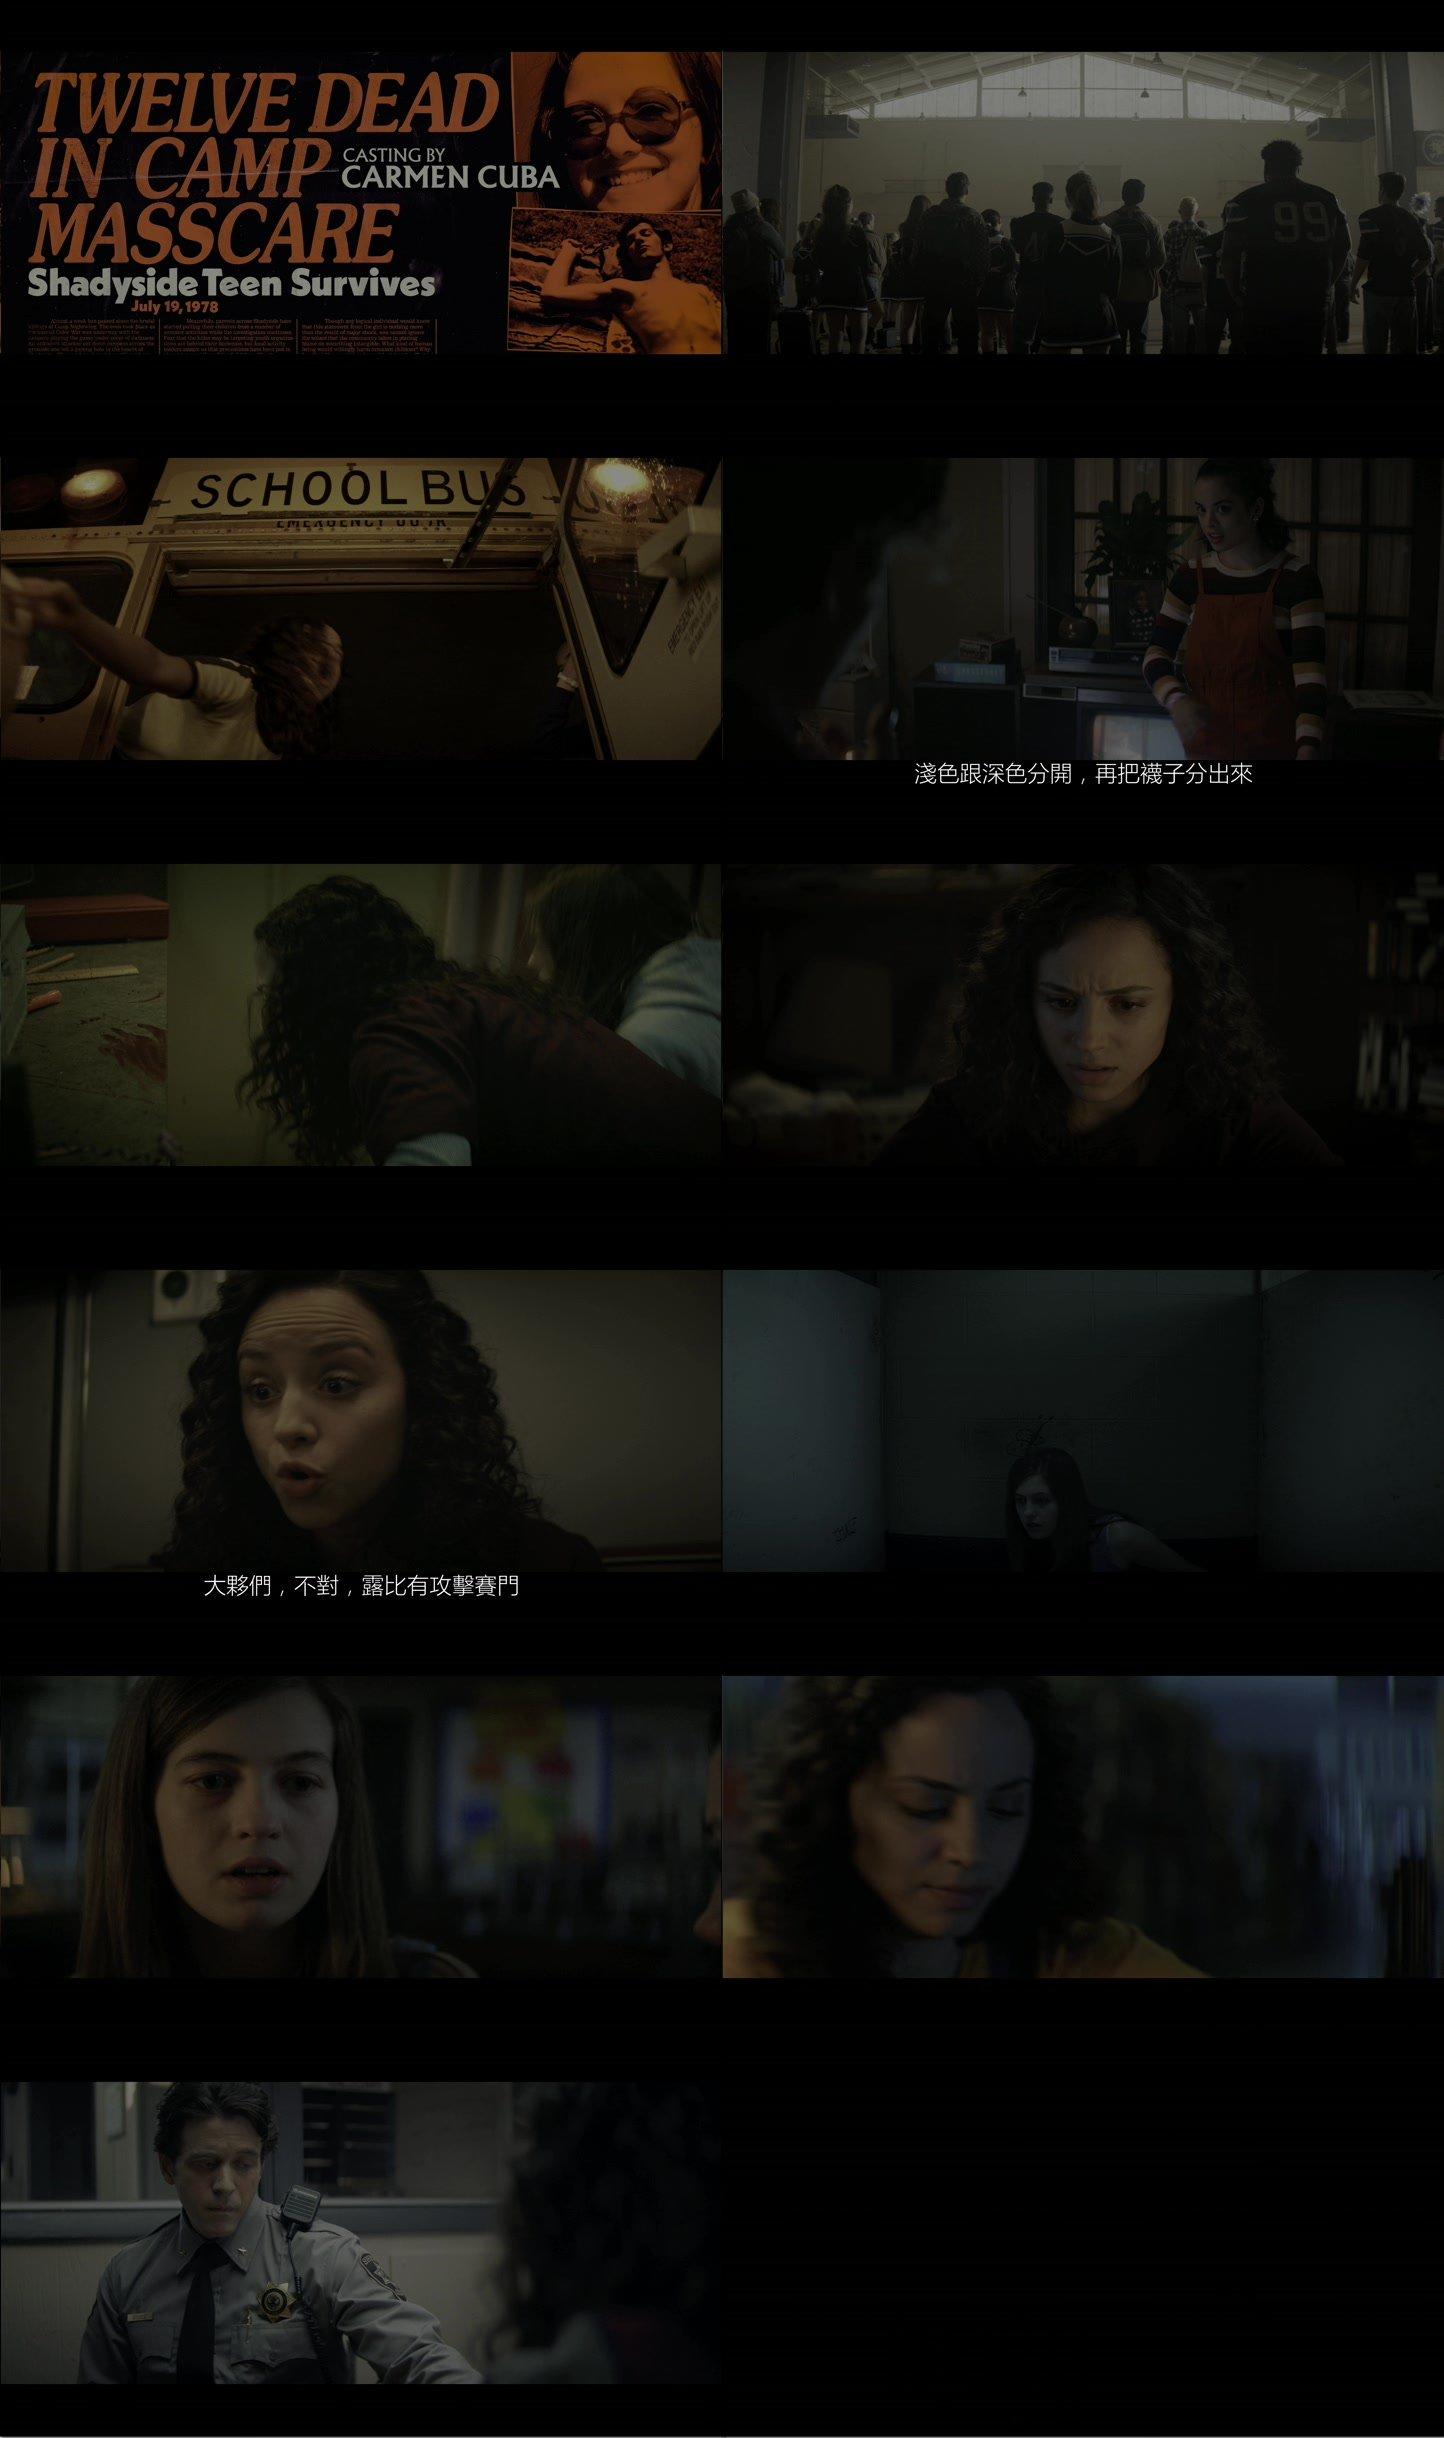 [x2]恐懼街2:1978 黑寡婦.2021.WEB-DL.1080p 2160p[繁簡英]